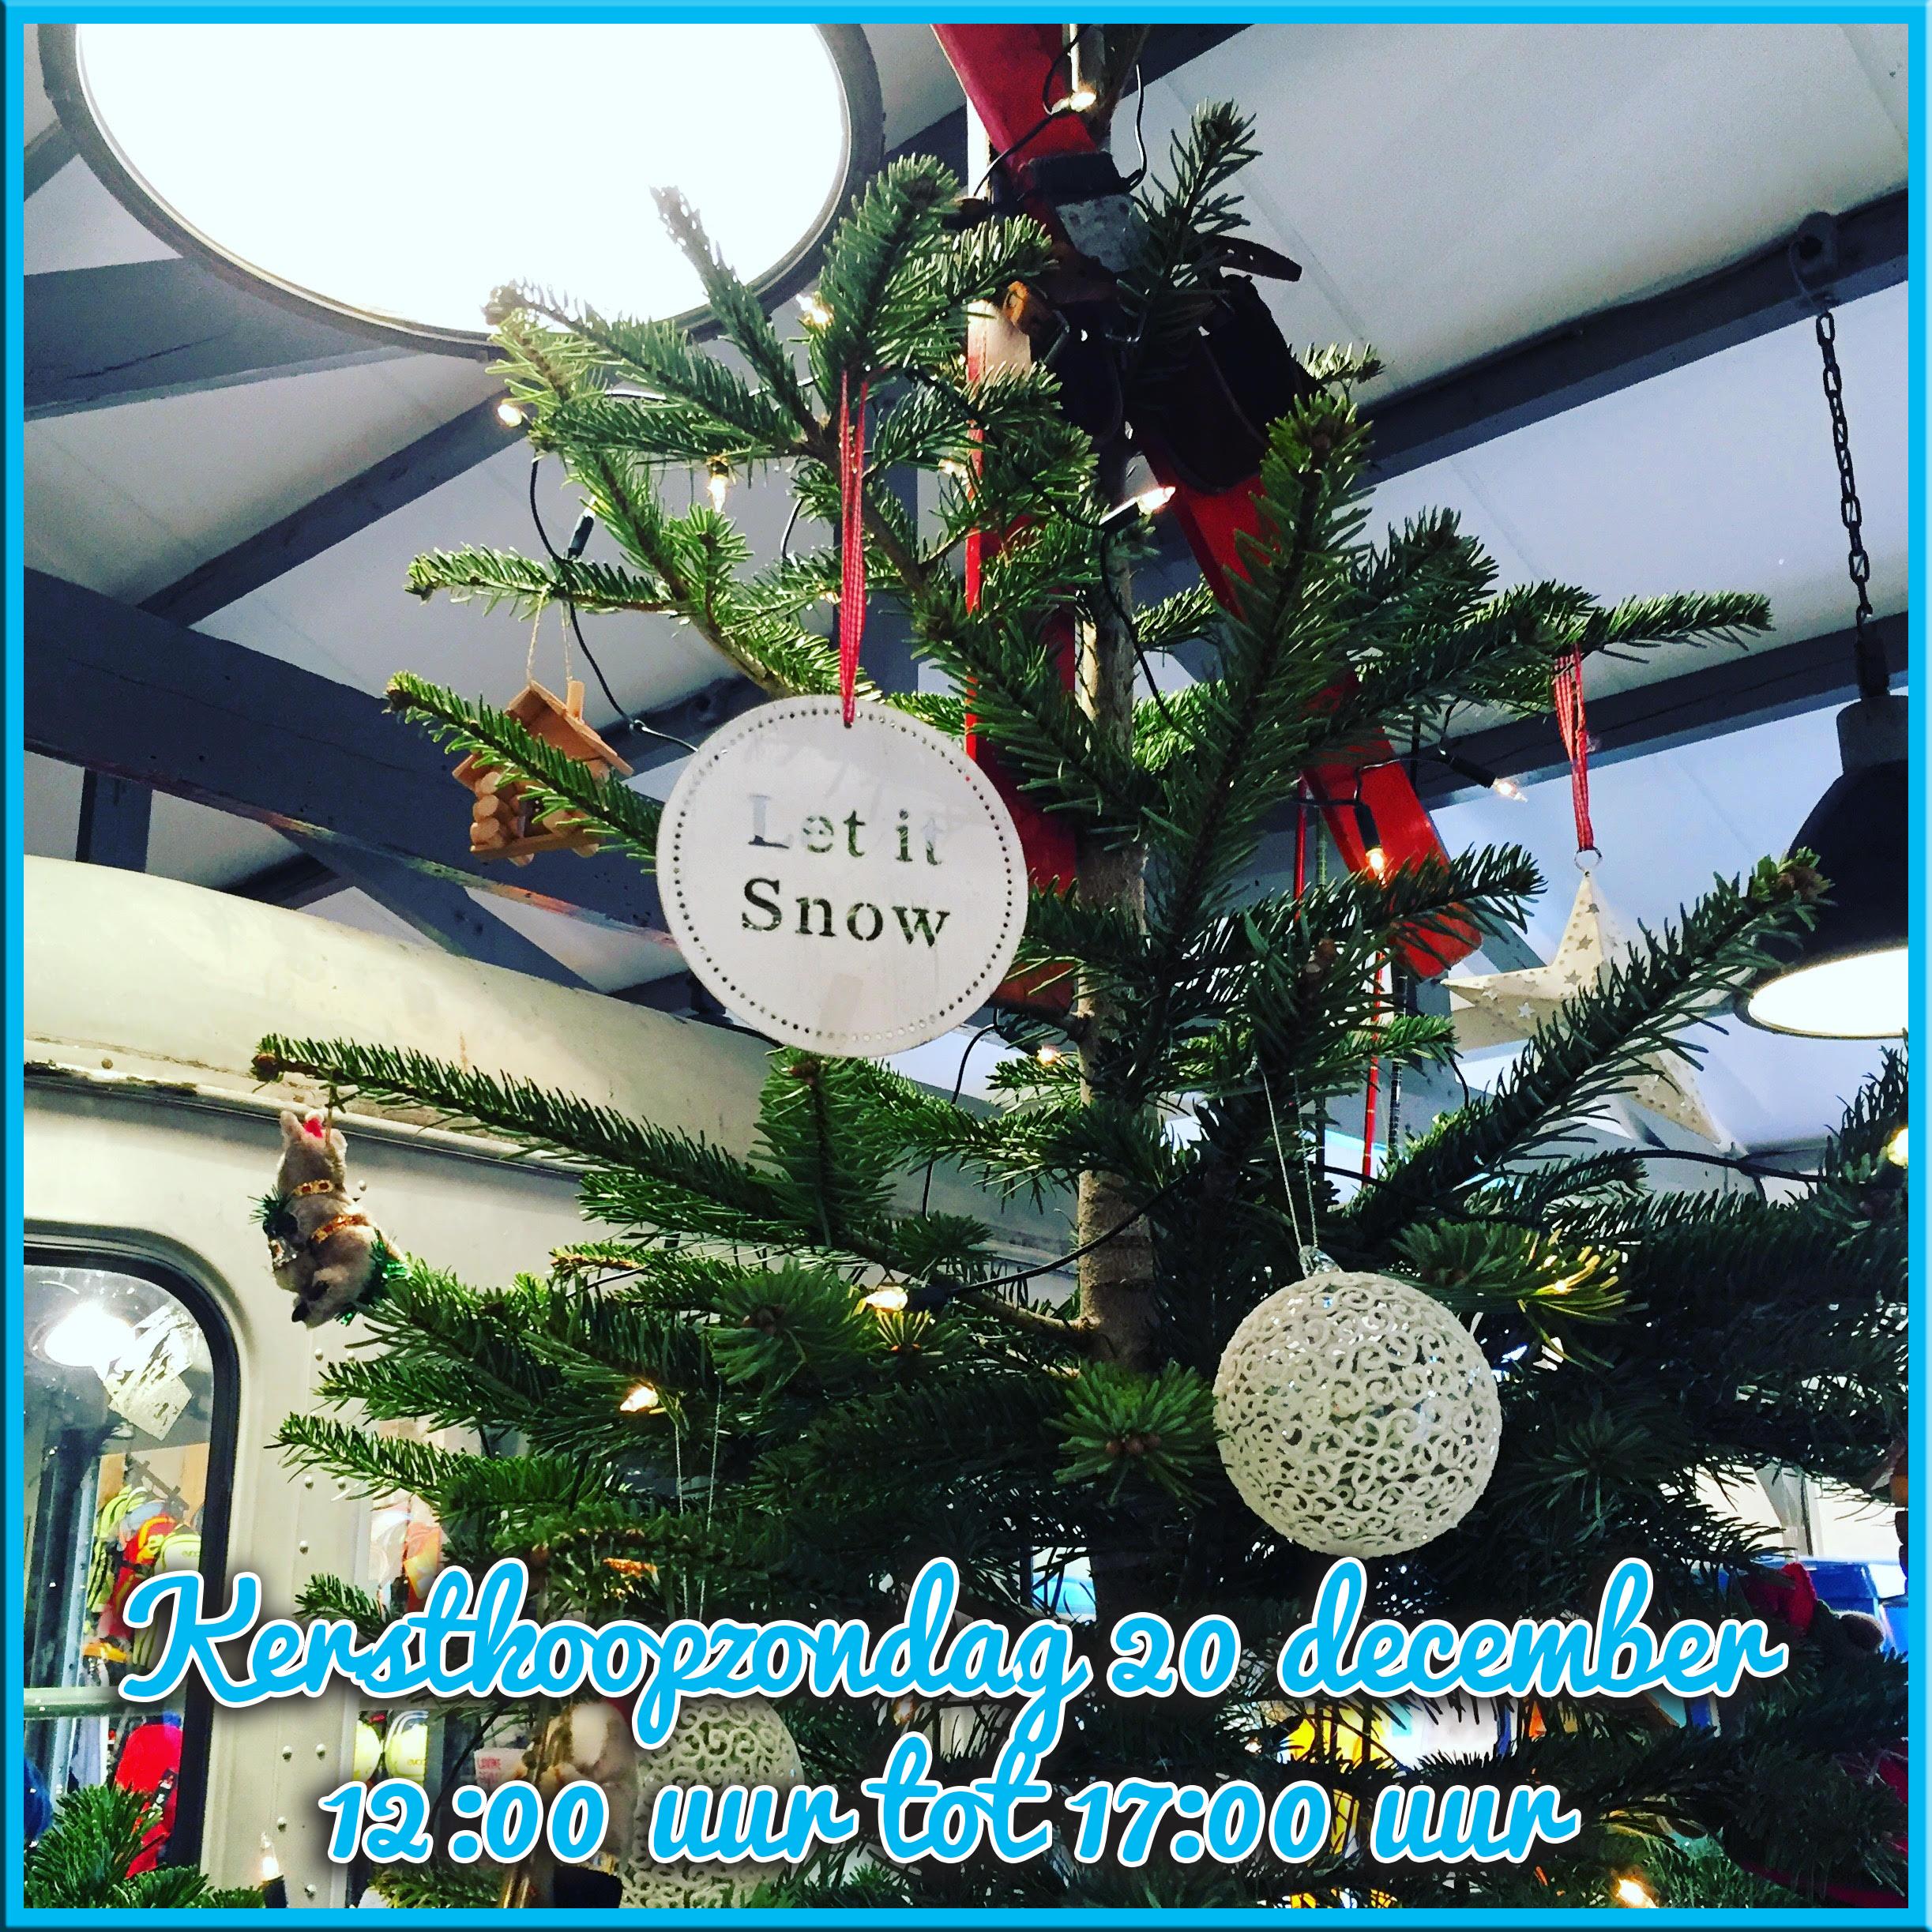 Kerstkoopzondag 20 december